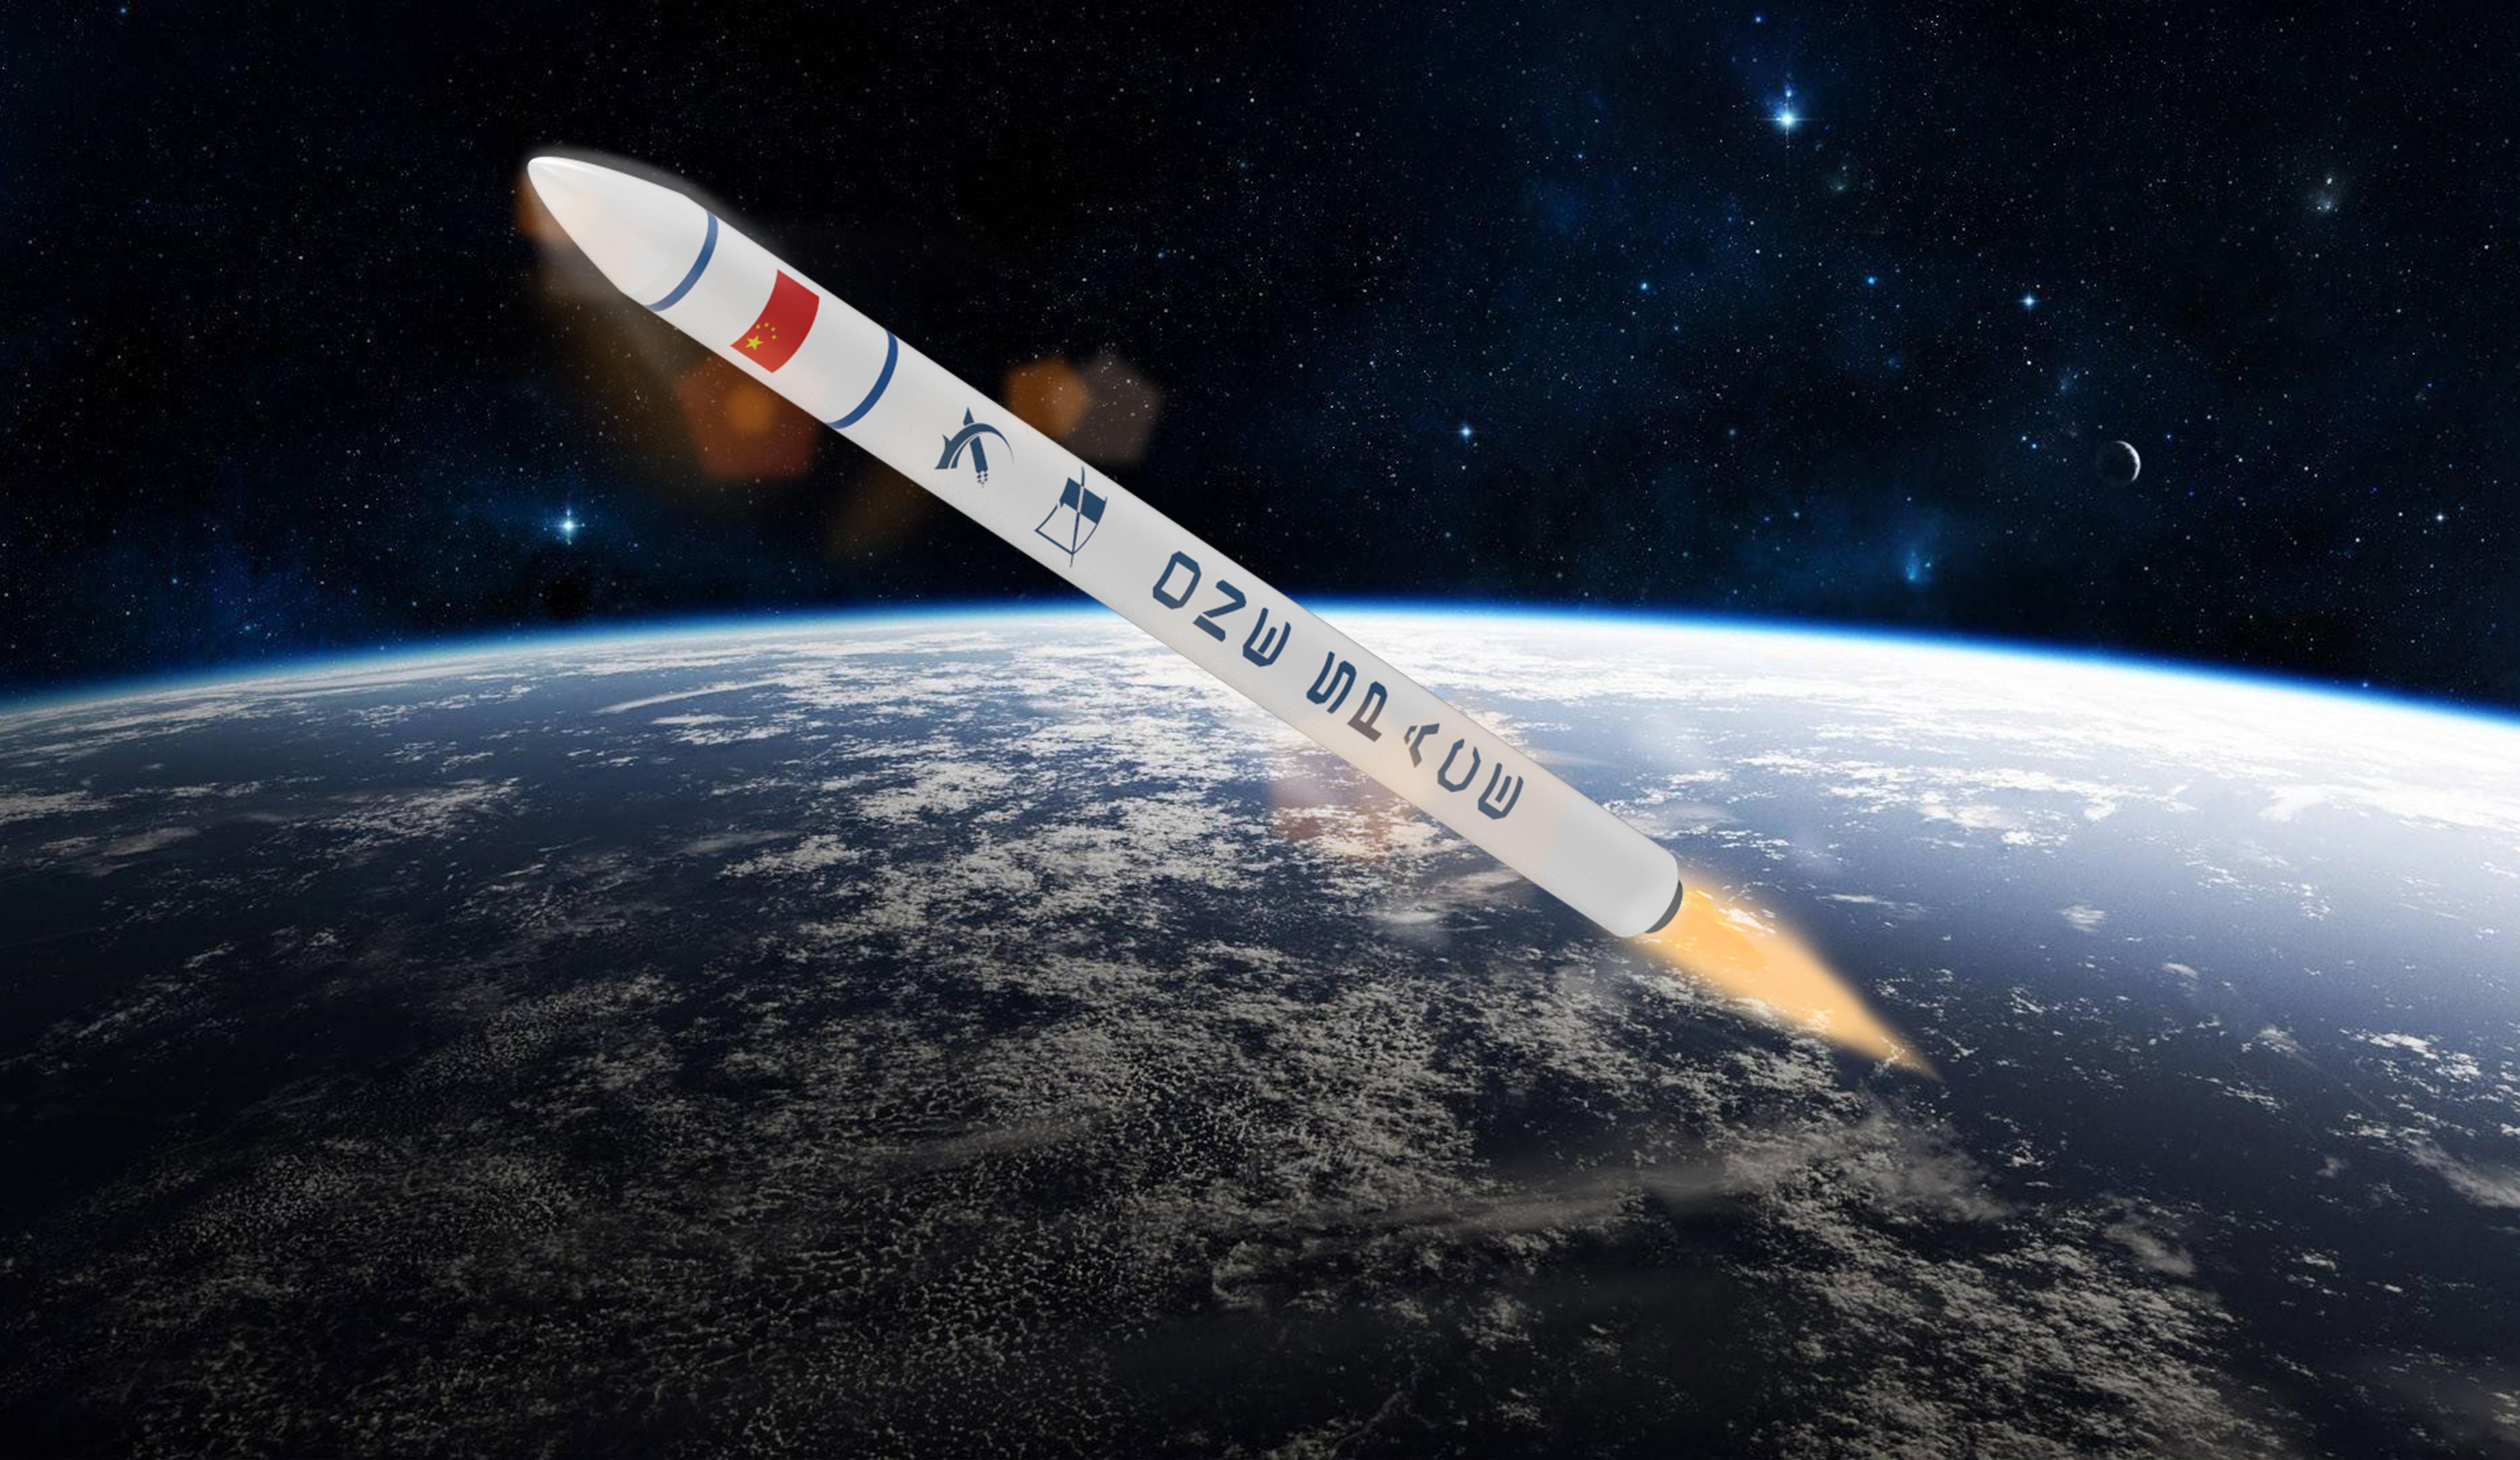 零壹空间即将推出灵龙系列运载火箭